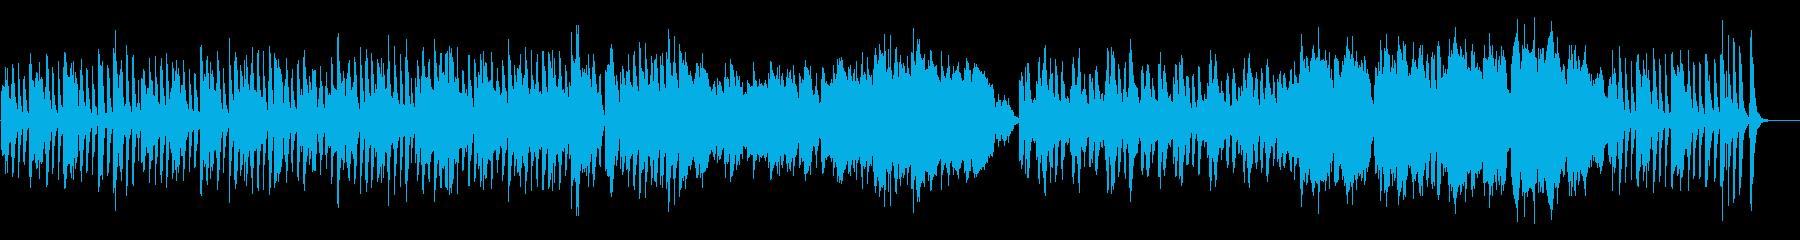 可愛らしく弾むような雰囲気のBGMの再生済みの波形